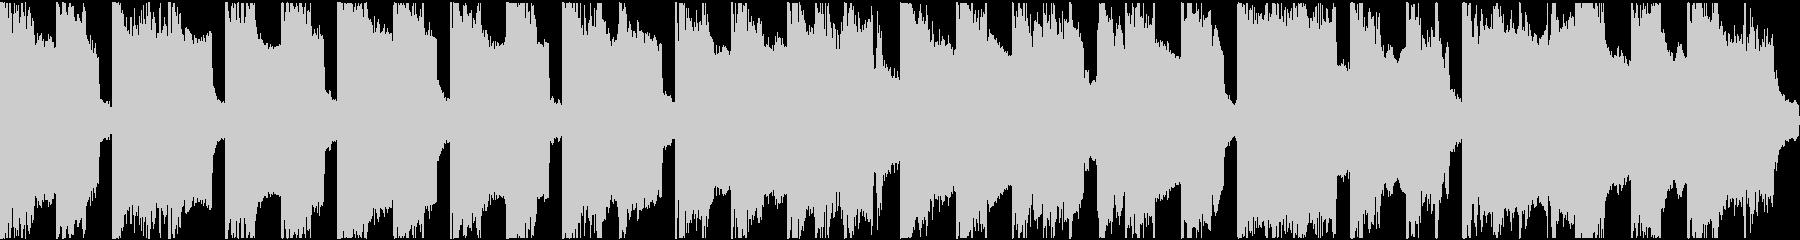 「威風堂々」ほのぼのアレンジショートの未再生の波形